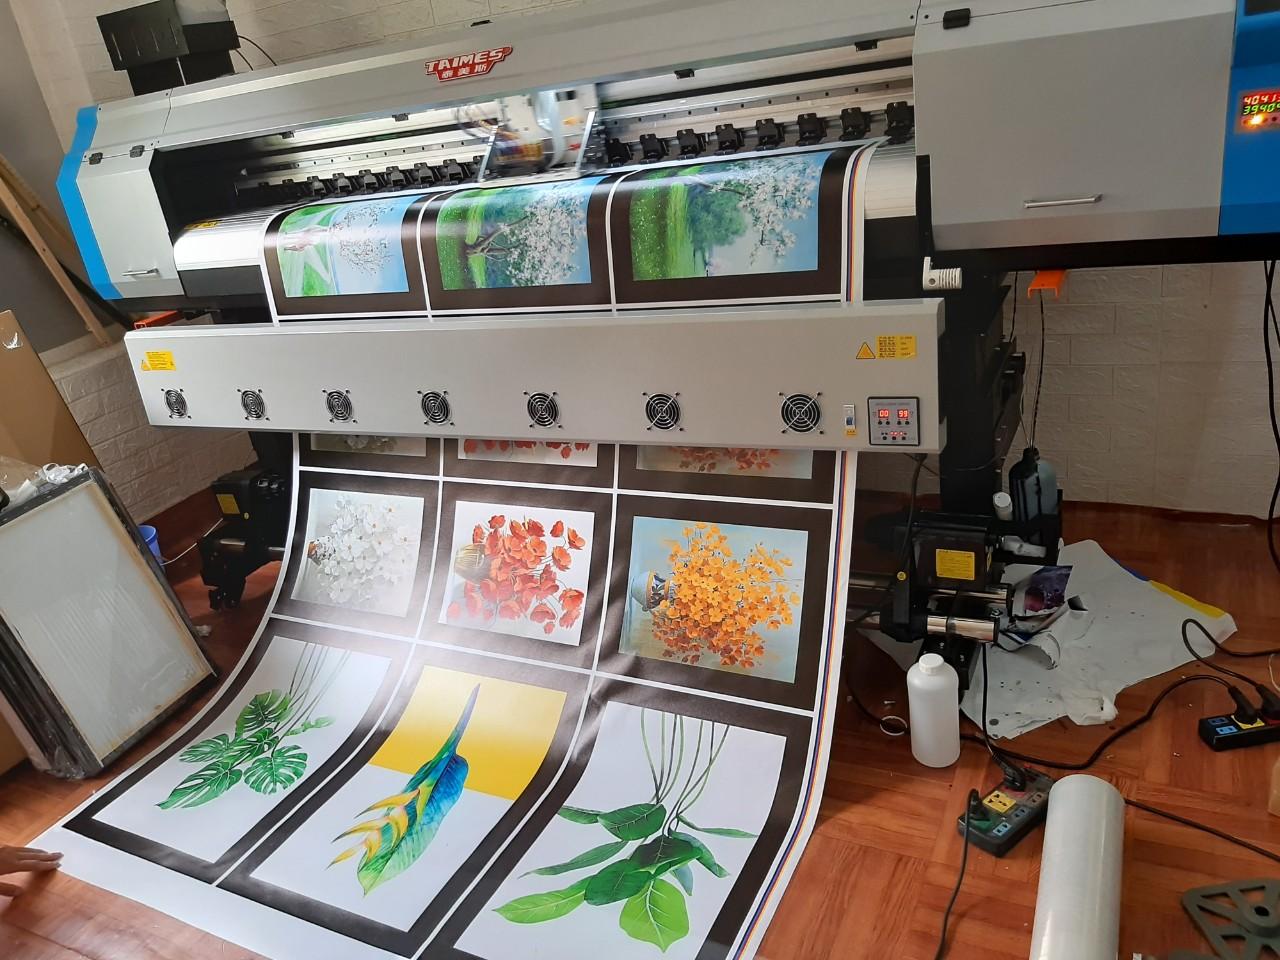 Lắp đặt máy in hifi Taimes T1601 cho anh Trường in tranh canvas tại Tân Triều - Hà Nội